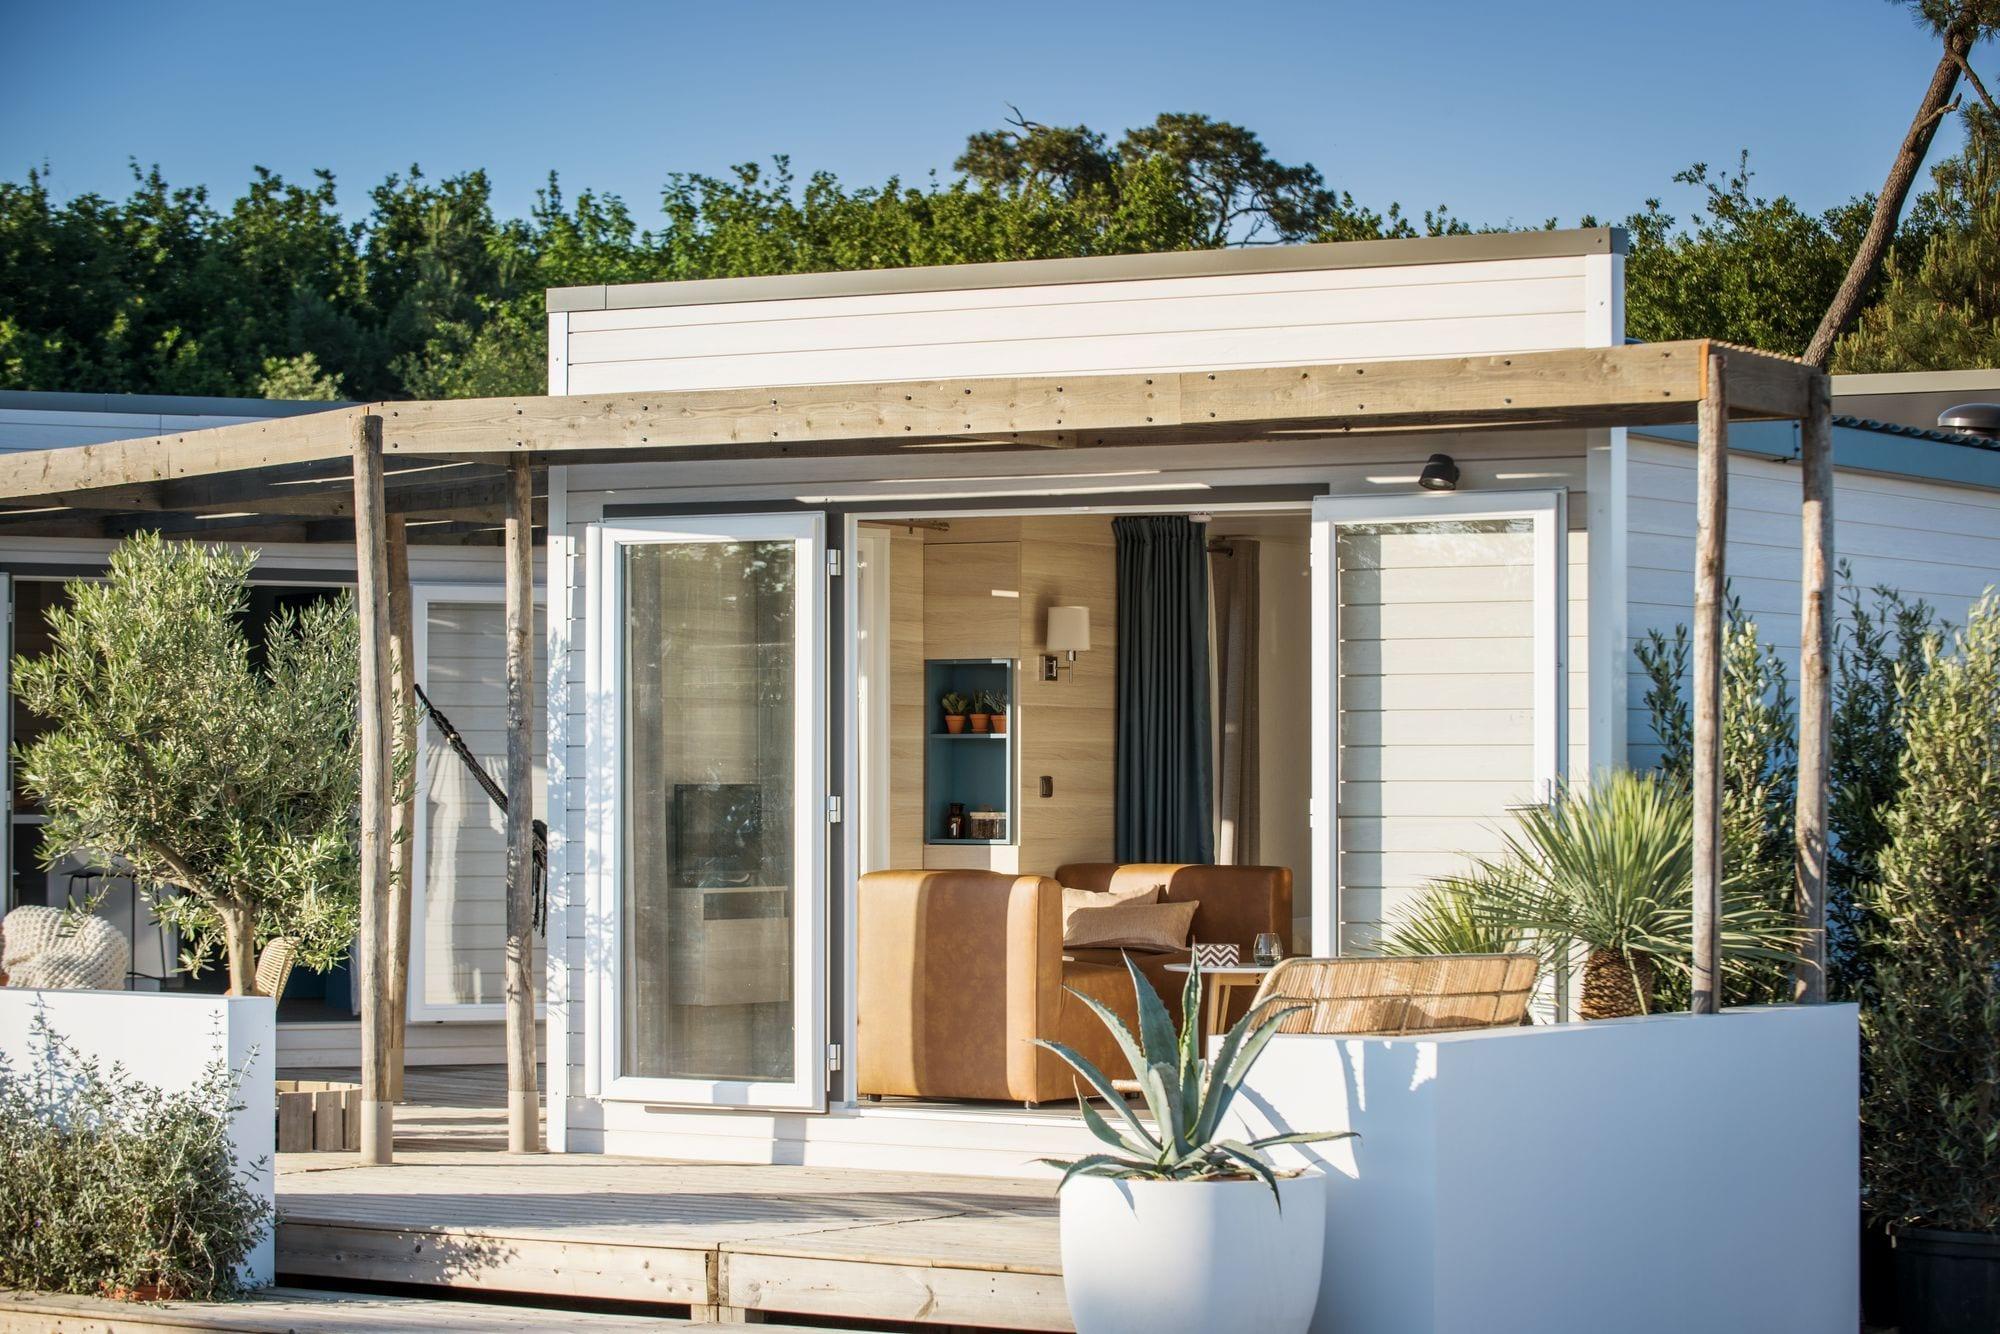 ohara key west 1 mobil home neuf 2018 zen mobil homes. Black Bedroom Furniture Sets. Home Design Ideas